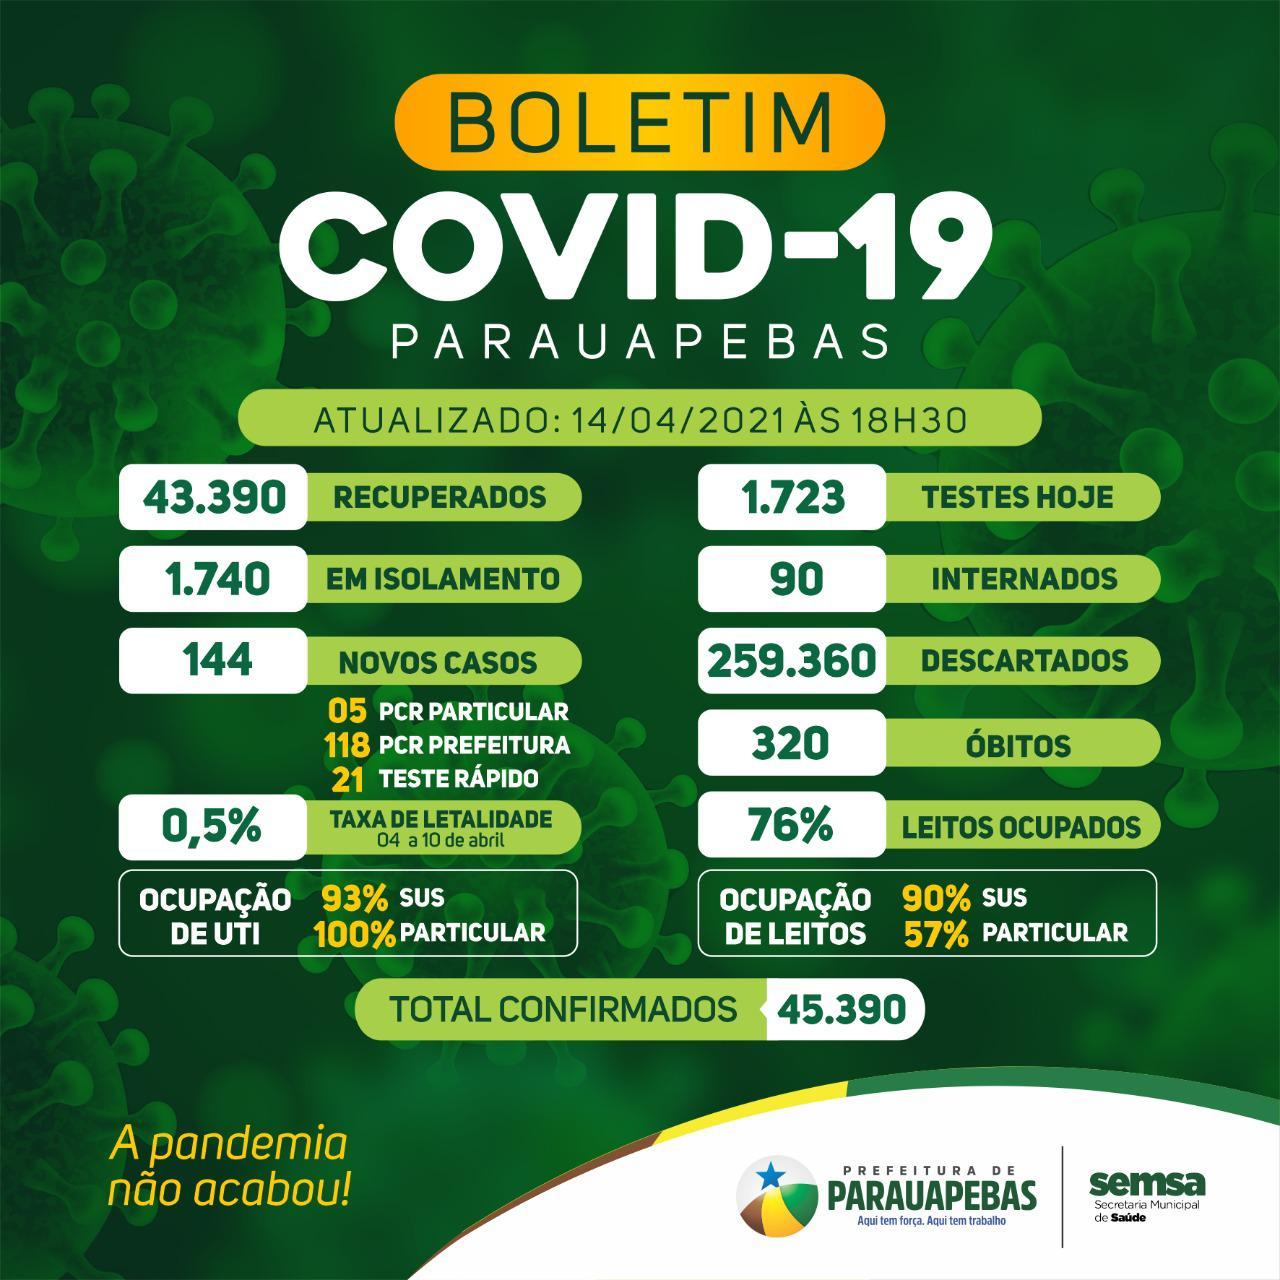 Confira o Boletim do Novo Coronavírus desta quarta-feira, 14 de abril, em Parauapebas